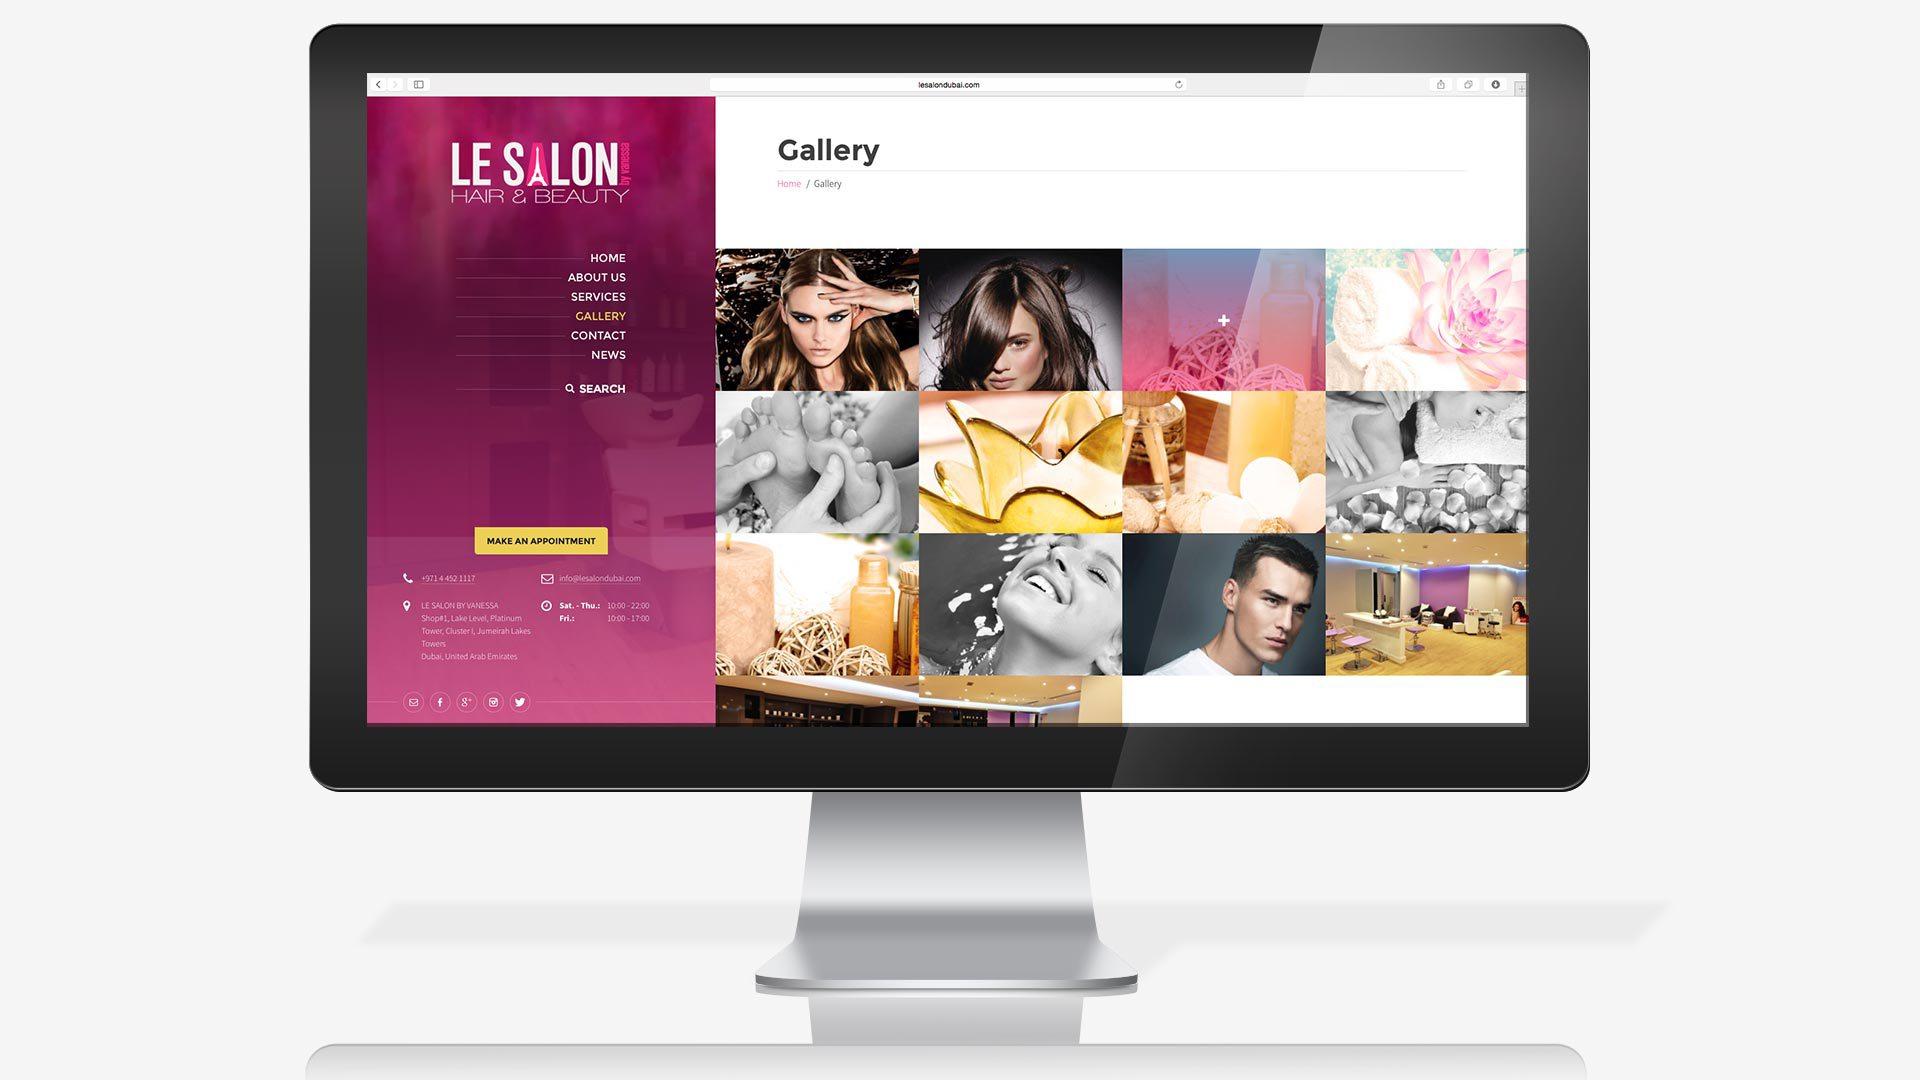 le-salon-website-gallery